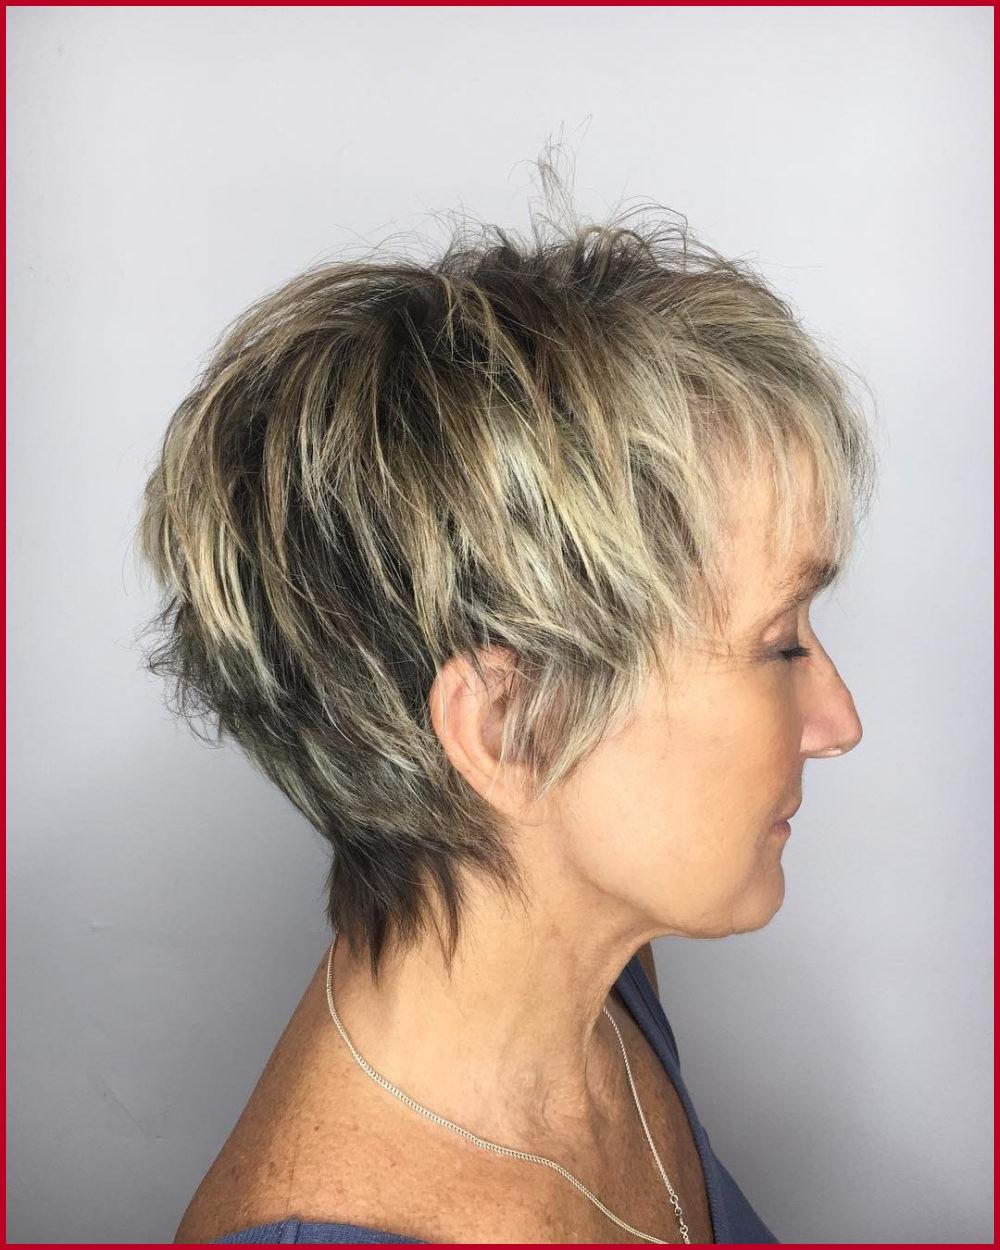 Choppy Short Haircuts 92535 Top 22 Choppy Hairstyles You Ll See In Within Choppy Short Hairstyles (View 12 of 25)